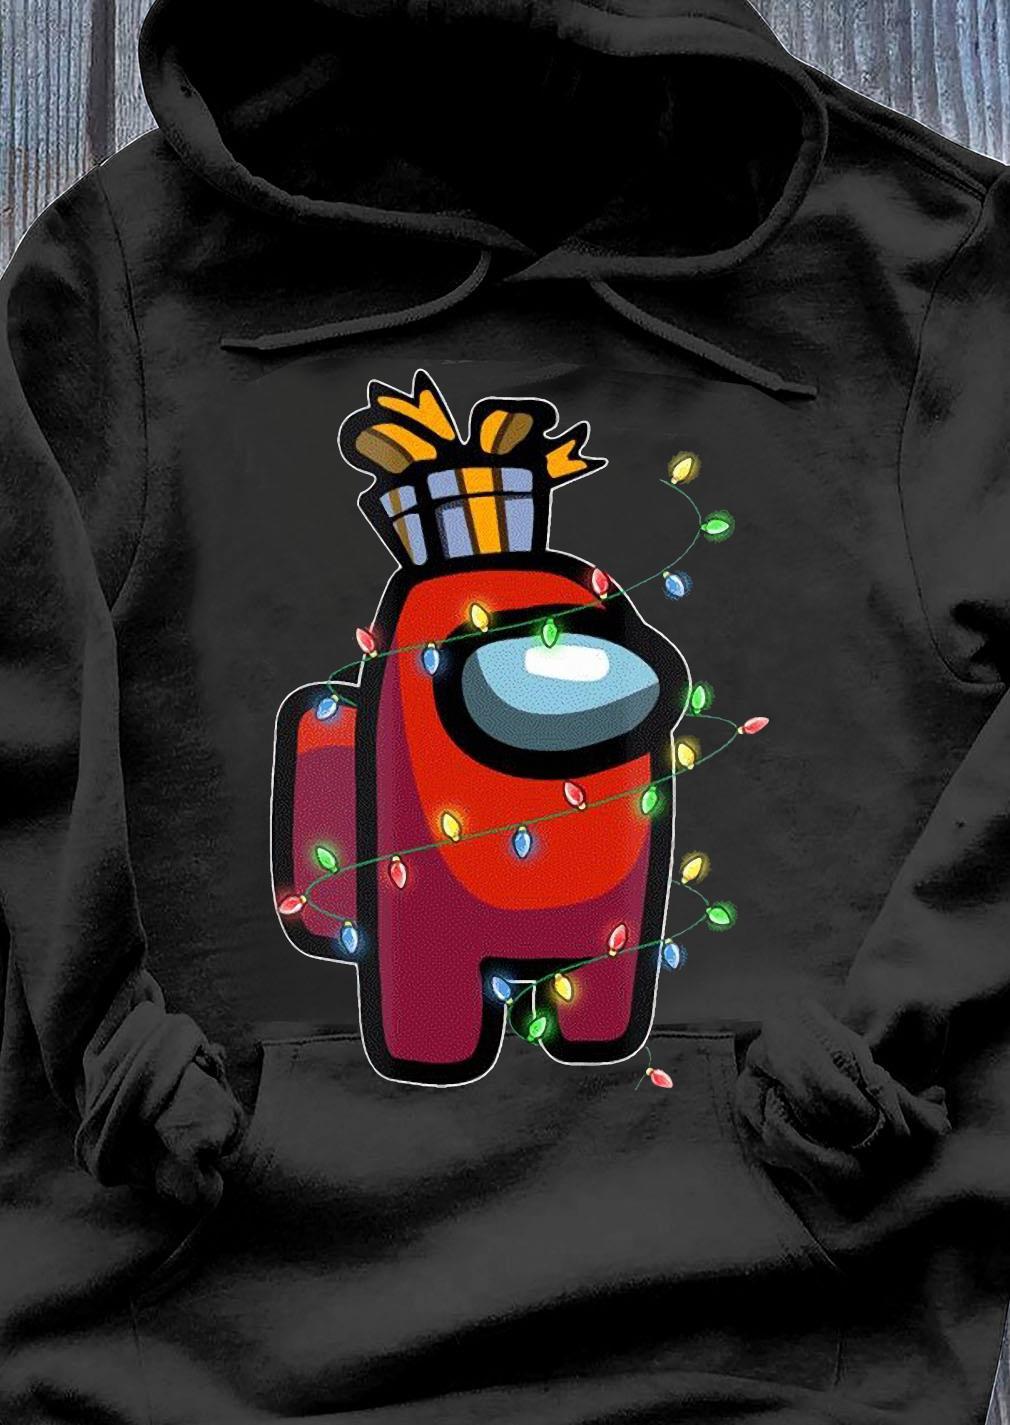 Christmas Santa Among Us Character Coffee X-mas 2020 Shirt Hoodie